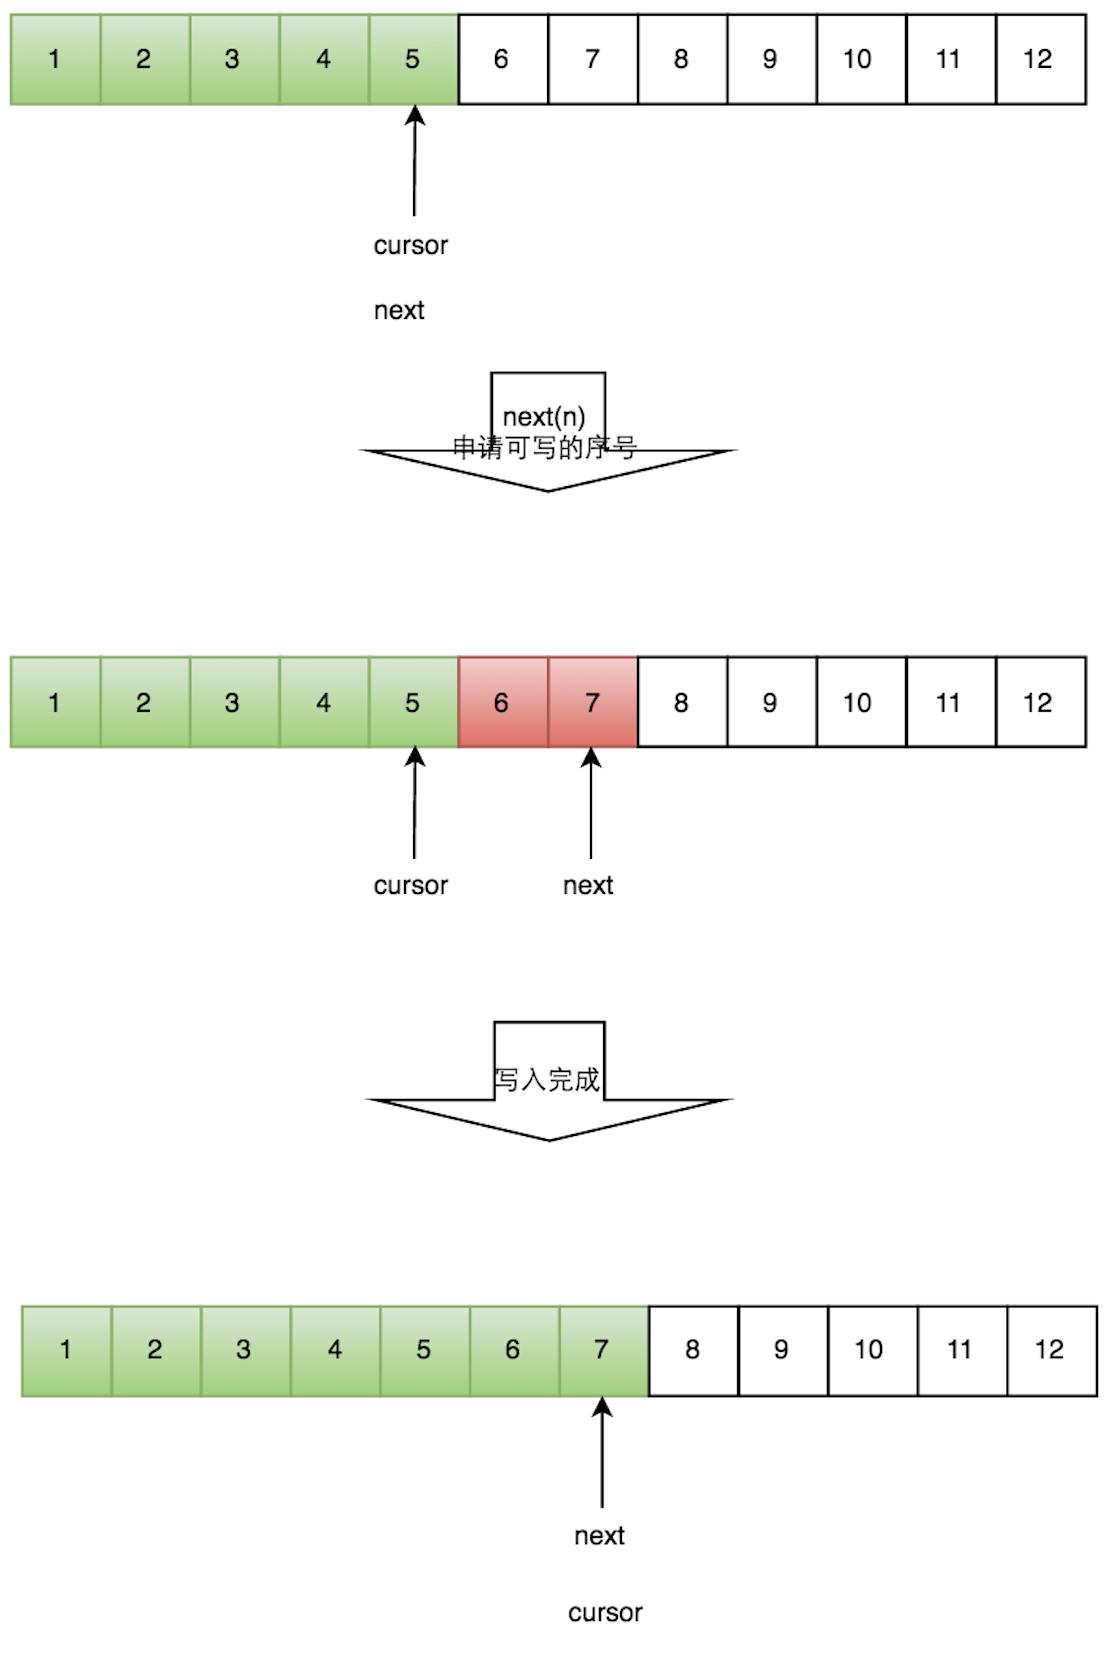 图5 单个生产者生产过程示意图